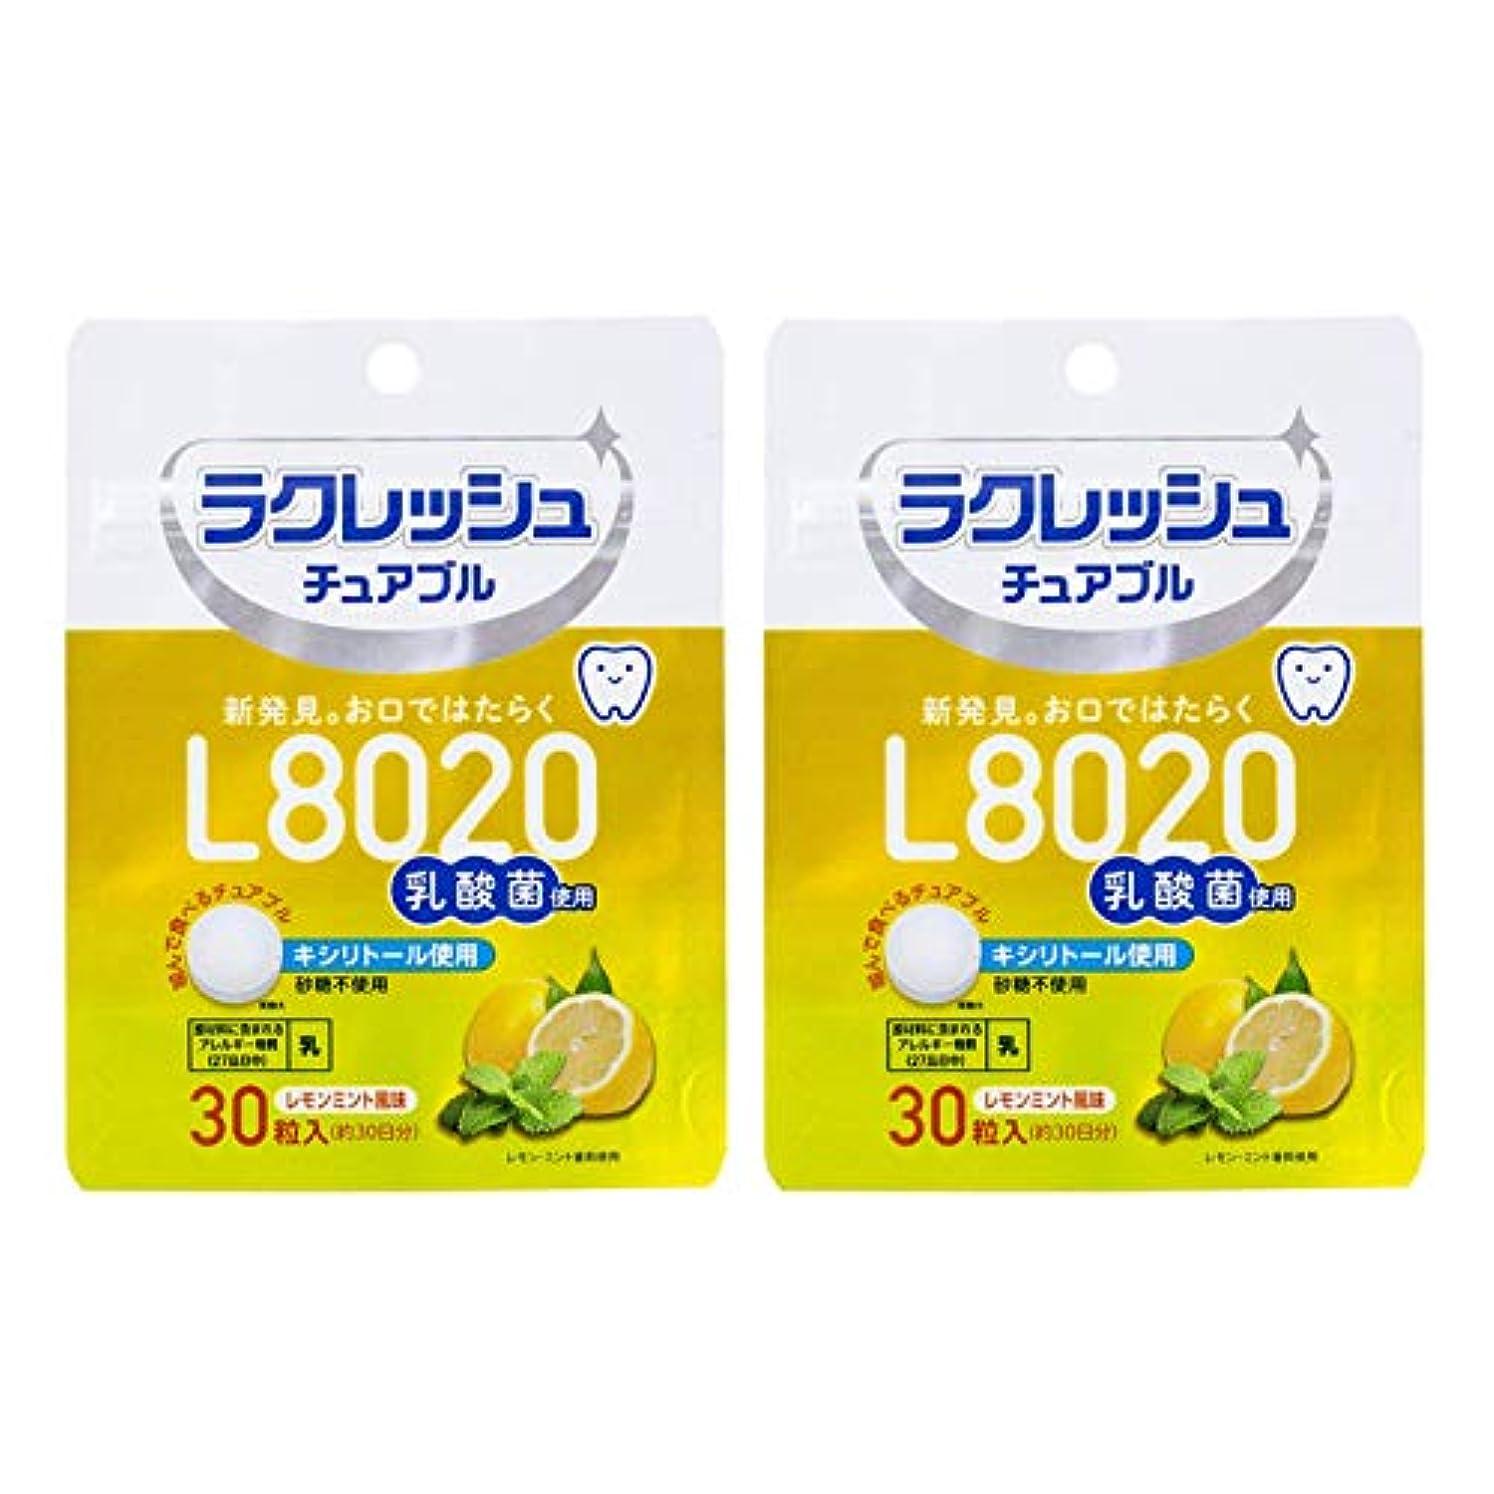 追加するとは異なり一般化するラクレッシュ L8020 乳酸菌 チュアブル レモンミント風味 オーラルケア 30粒入×2袋